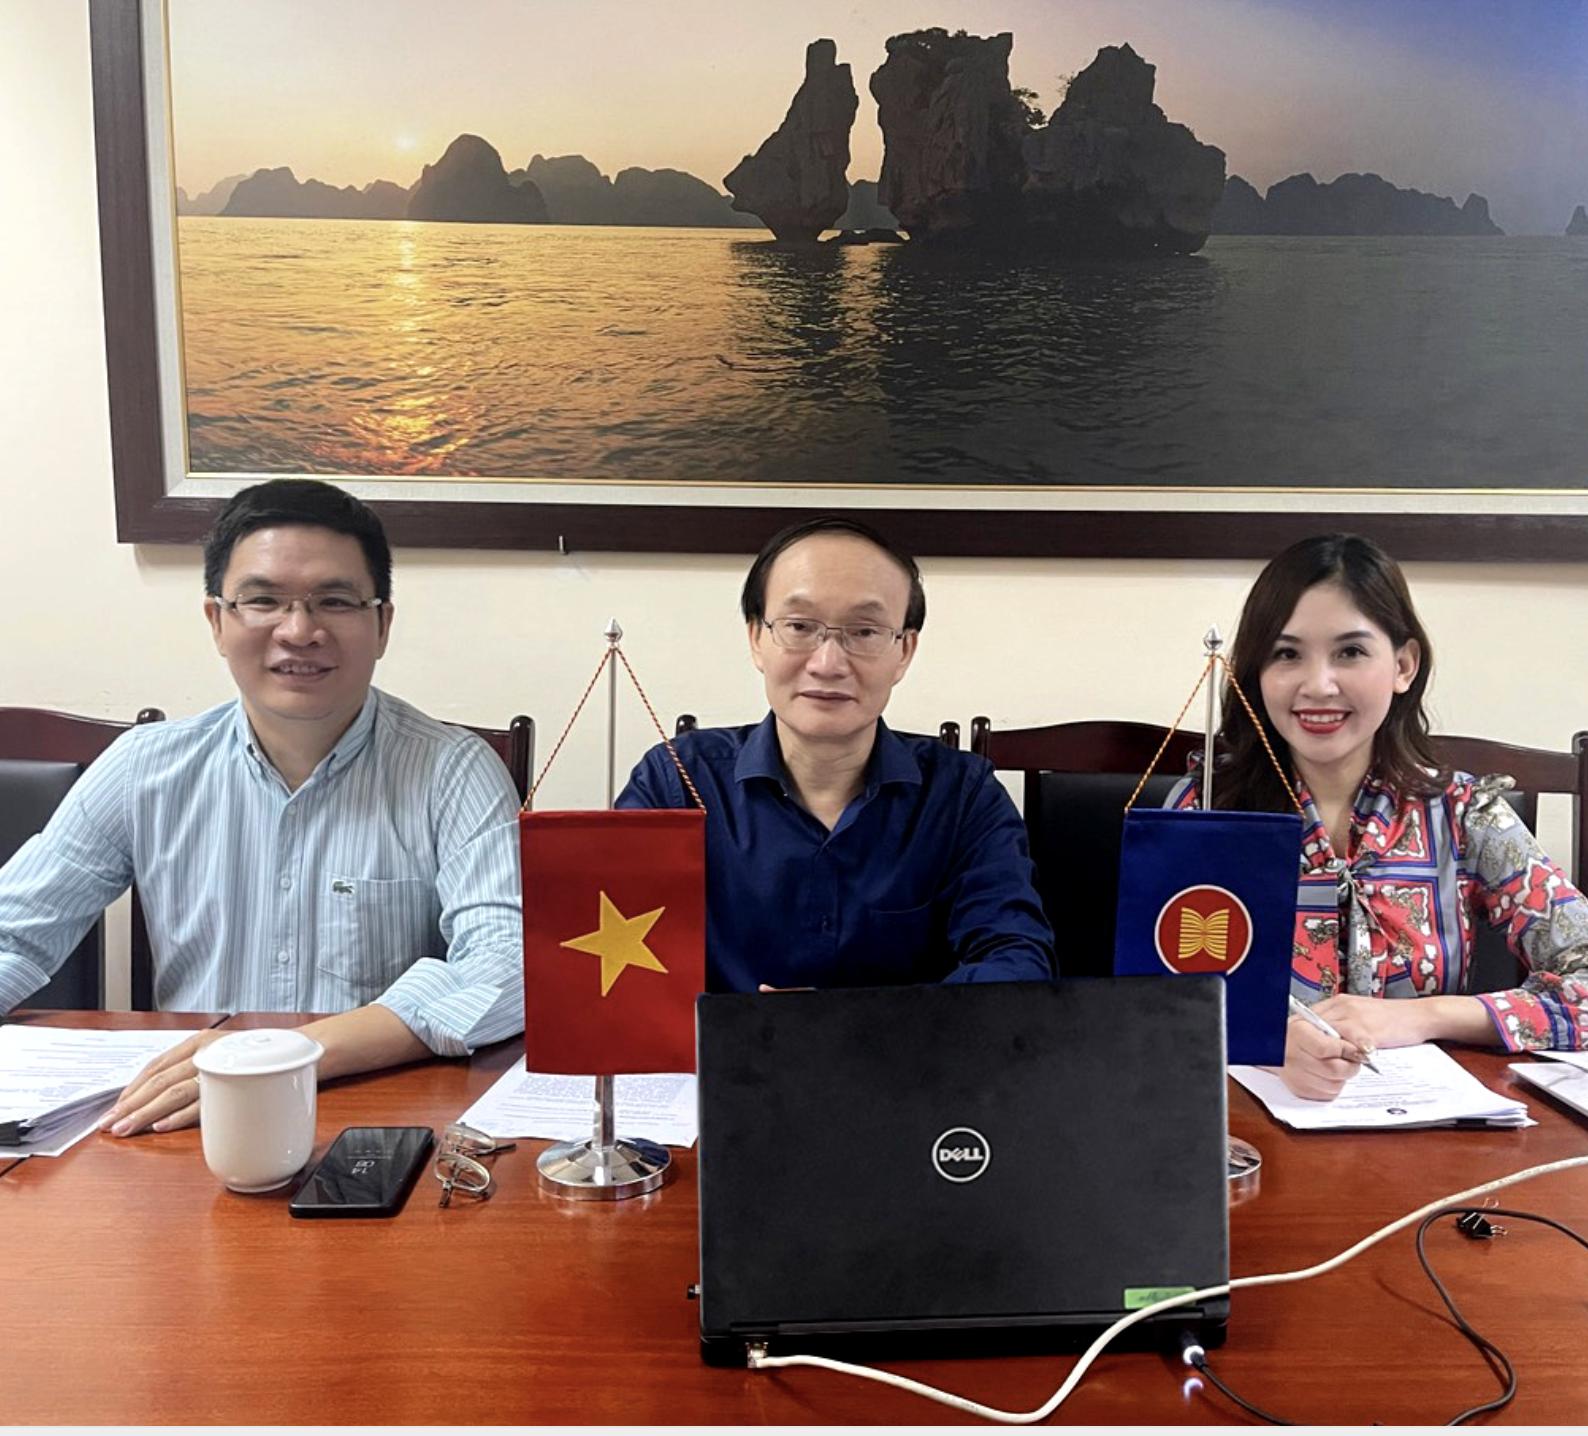 Việt Nam tham dự Hội nghị Hội nghị Quan chức cấp cao phụ trách văn hóa nghệ thuật ASEAN lần thứ 17 và các Hội nghị liên quan